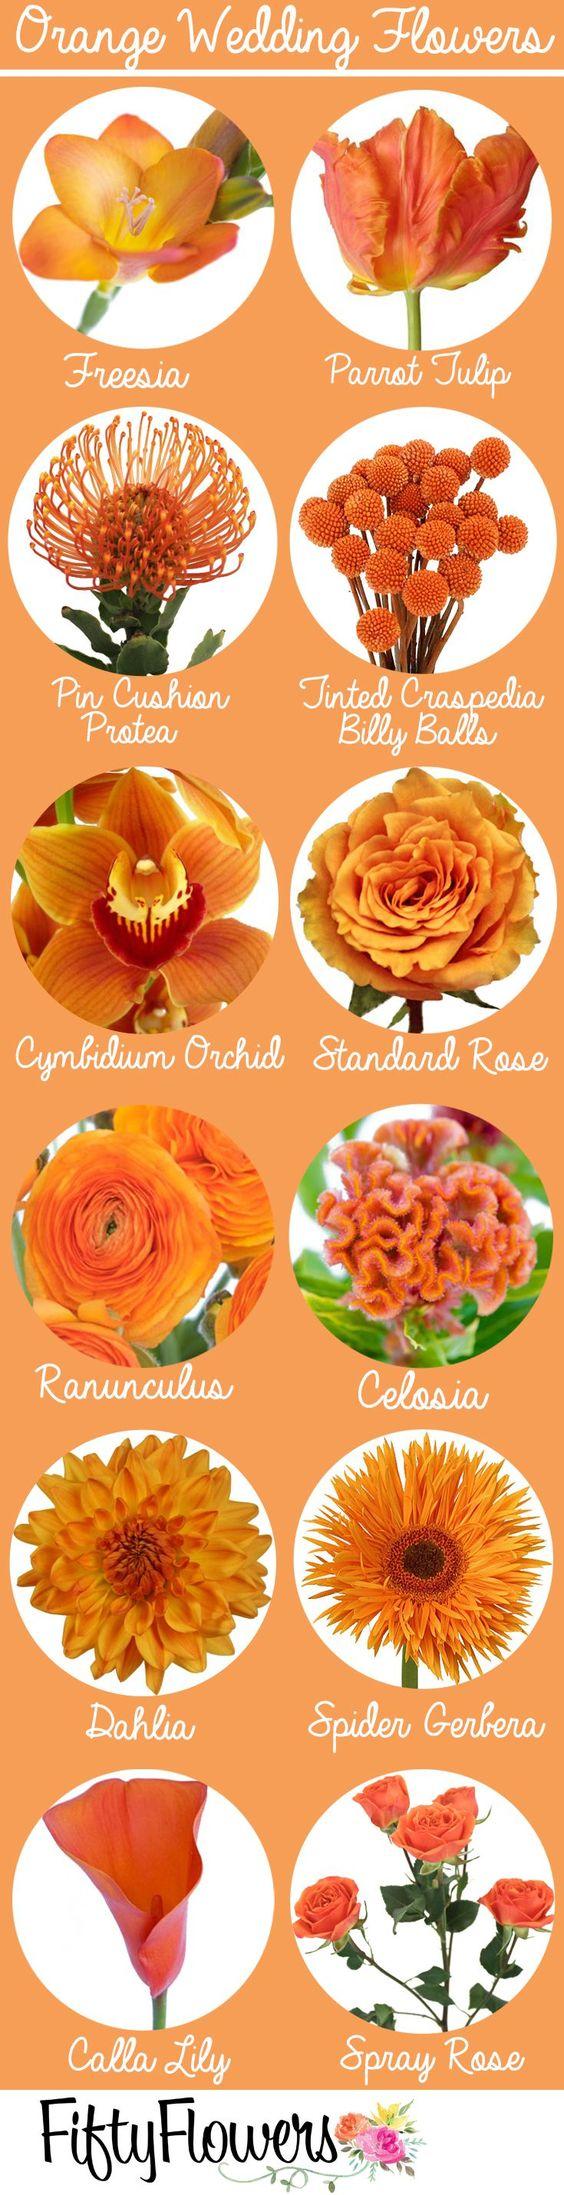 Fiori Arancioni E Gialli.Fiori Per Colore Il Giallo E L Arancione Organizzazione